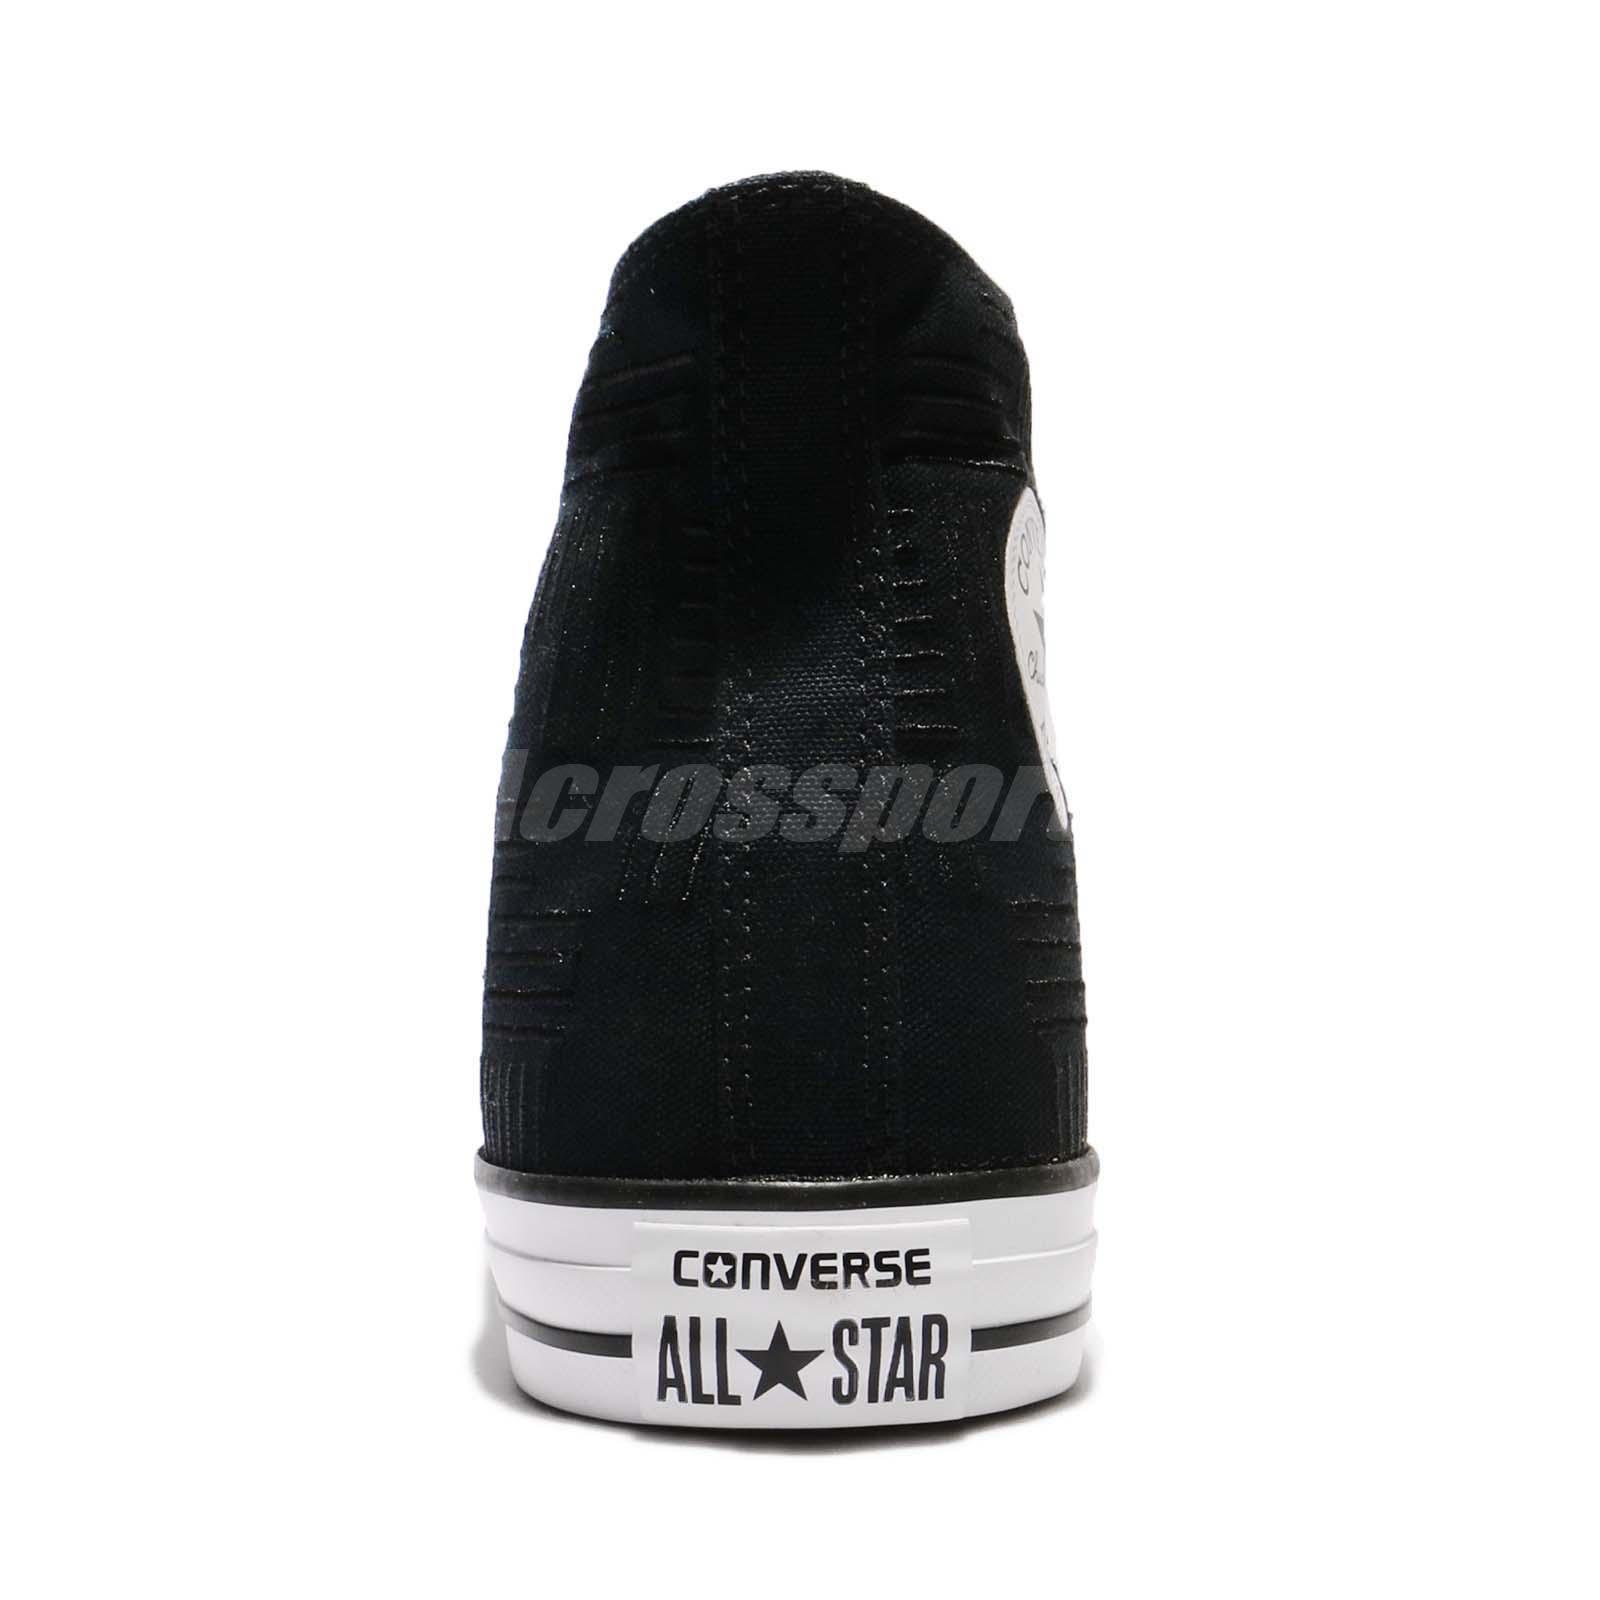 c4a1fa3ed26f Converse Chuck Taylor All Star Americana Print Black White Men ...